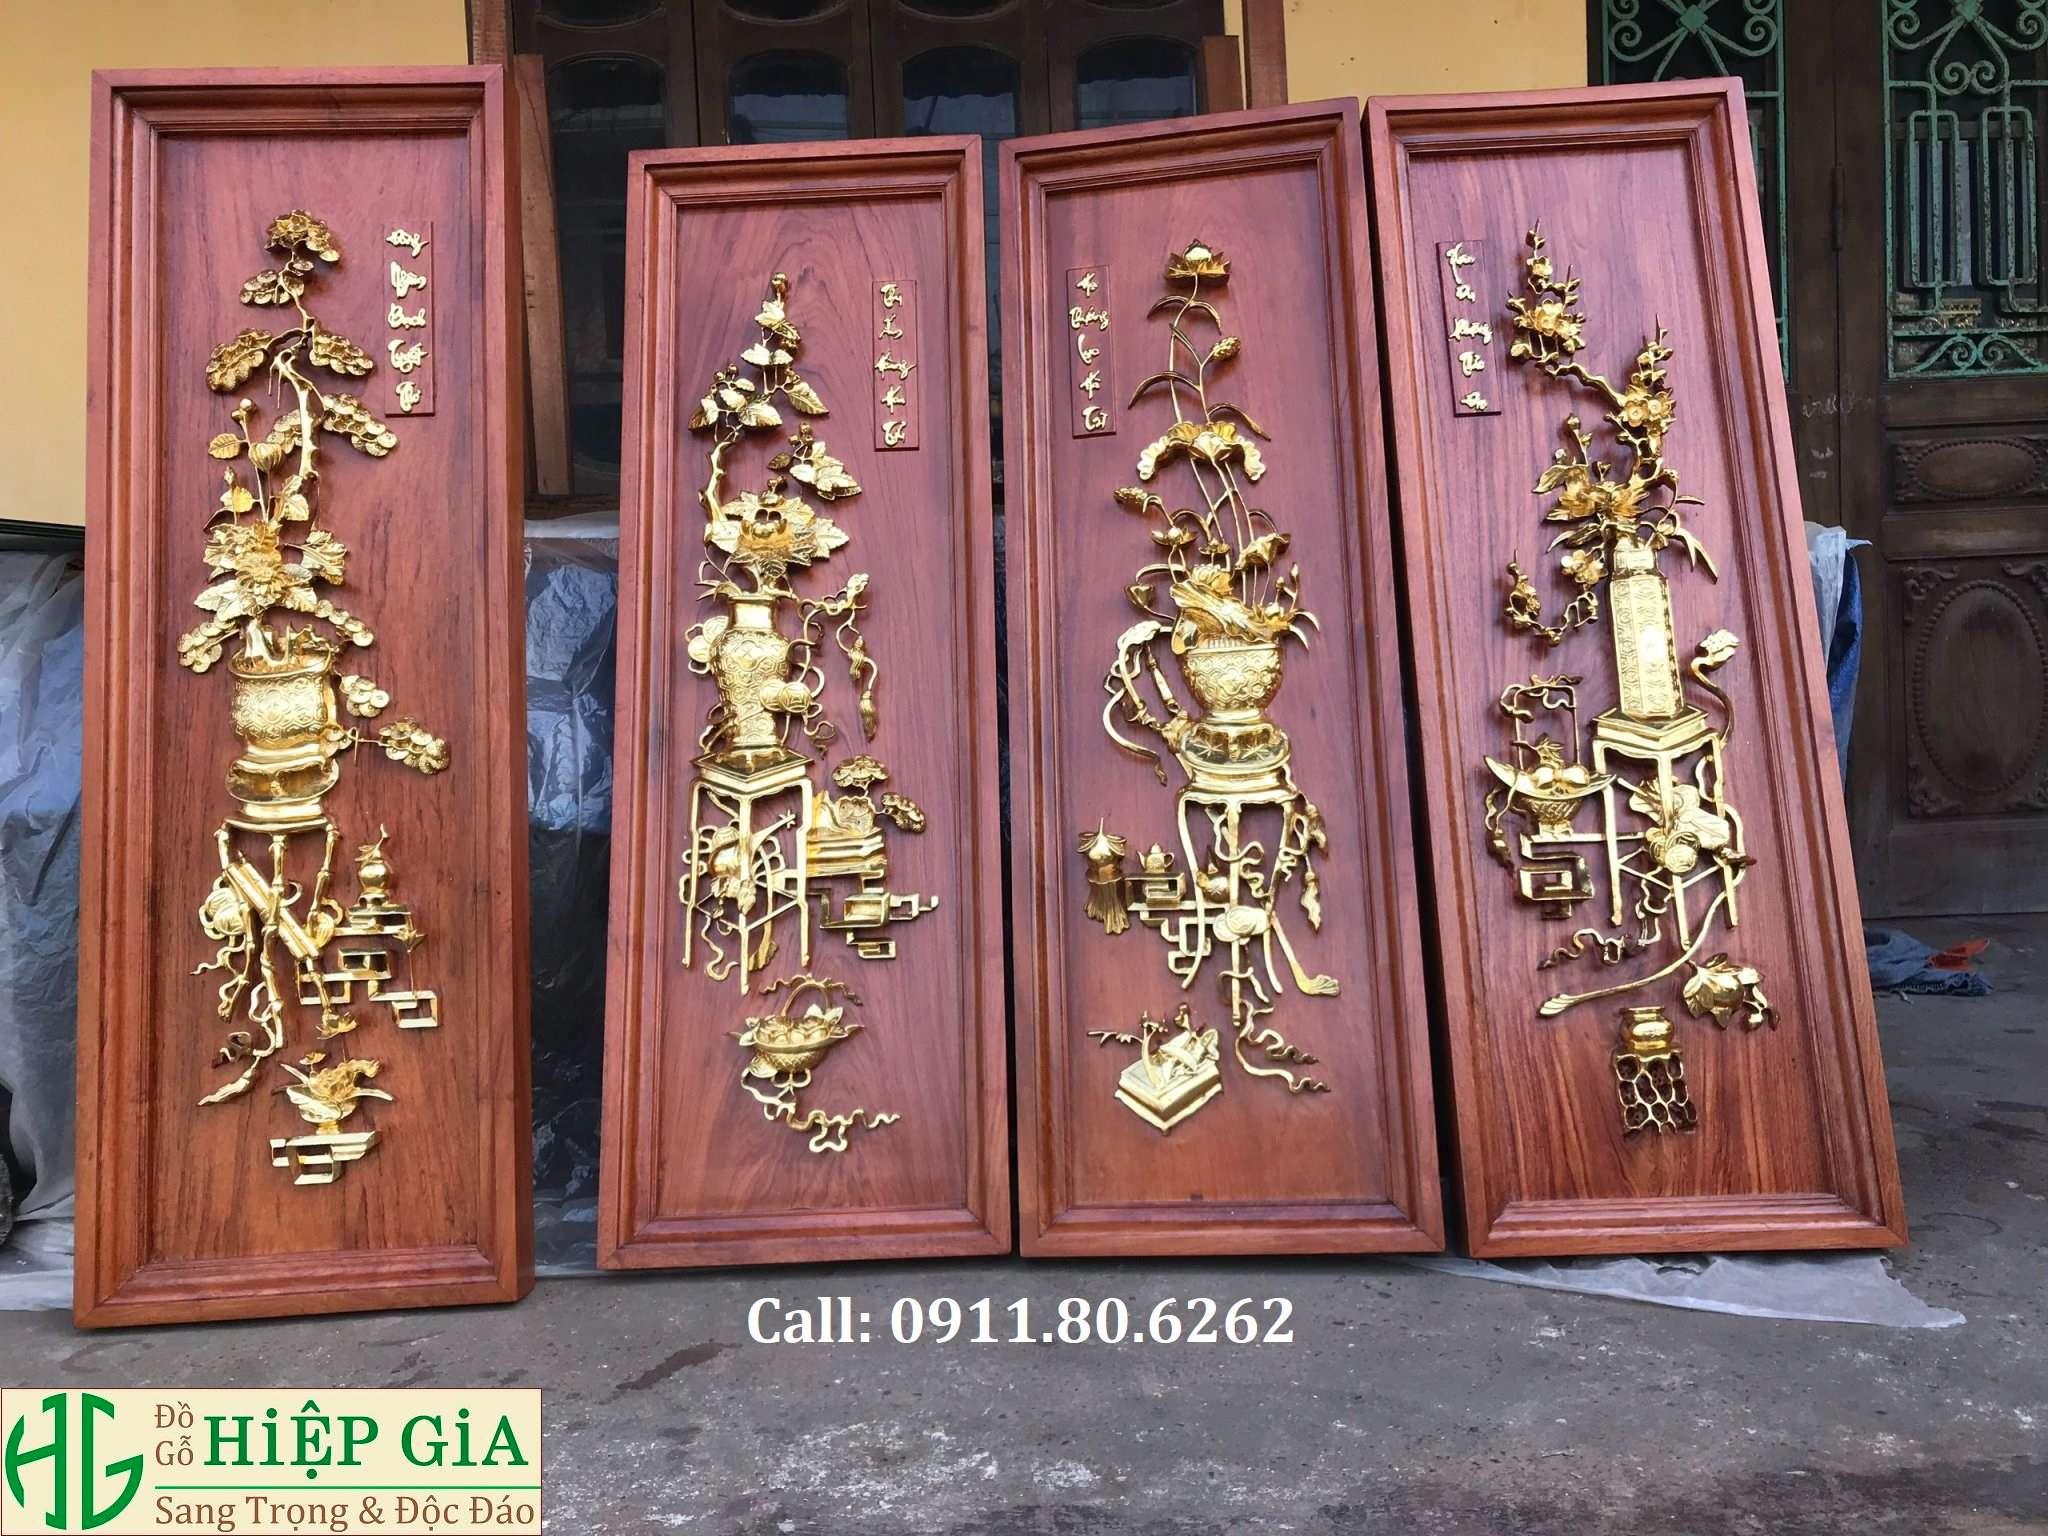 Tranh Tu Binh Son Son Thep Vang 11 - Tranh Tứ Bình Sơn Son Thiếp Vàng MS: 15